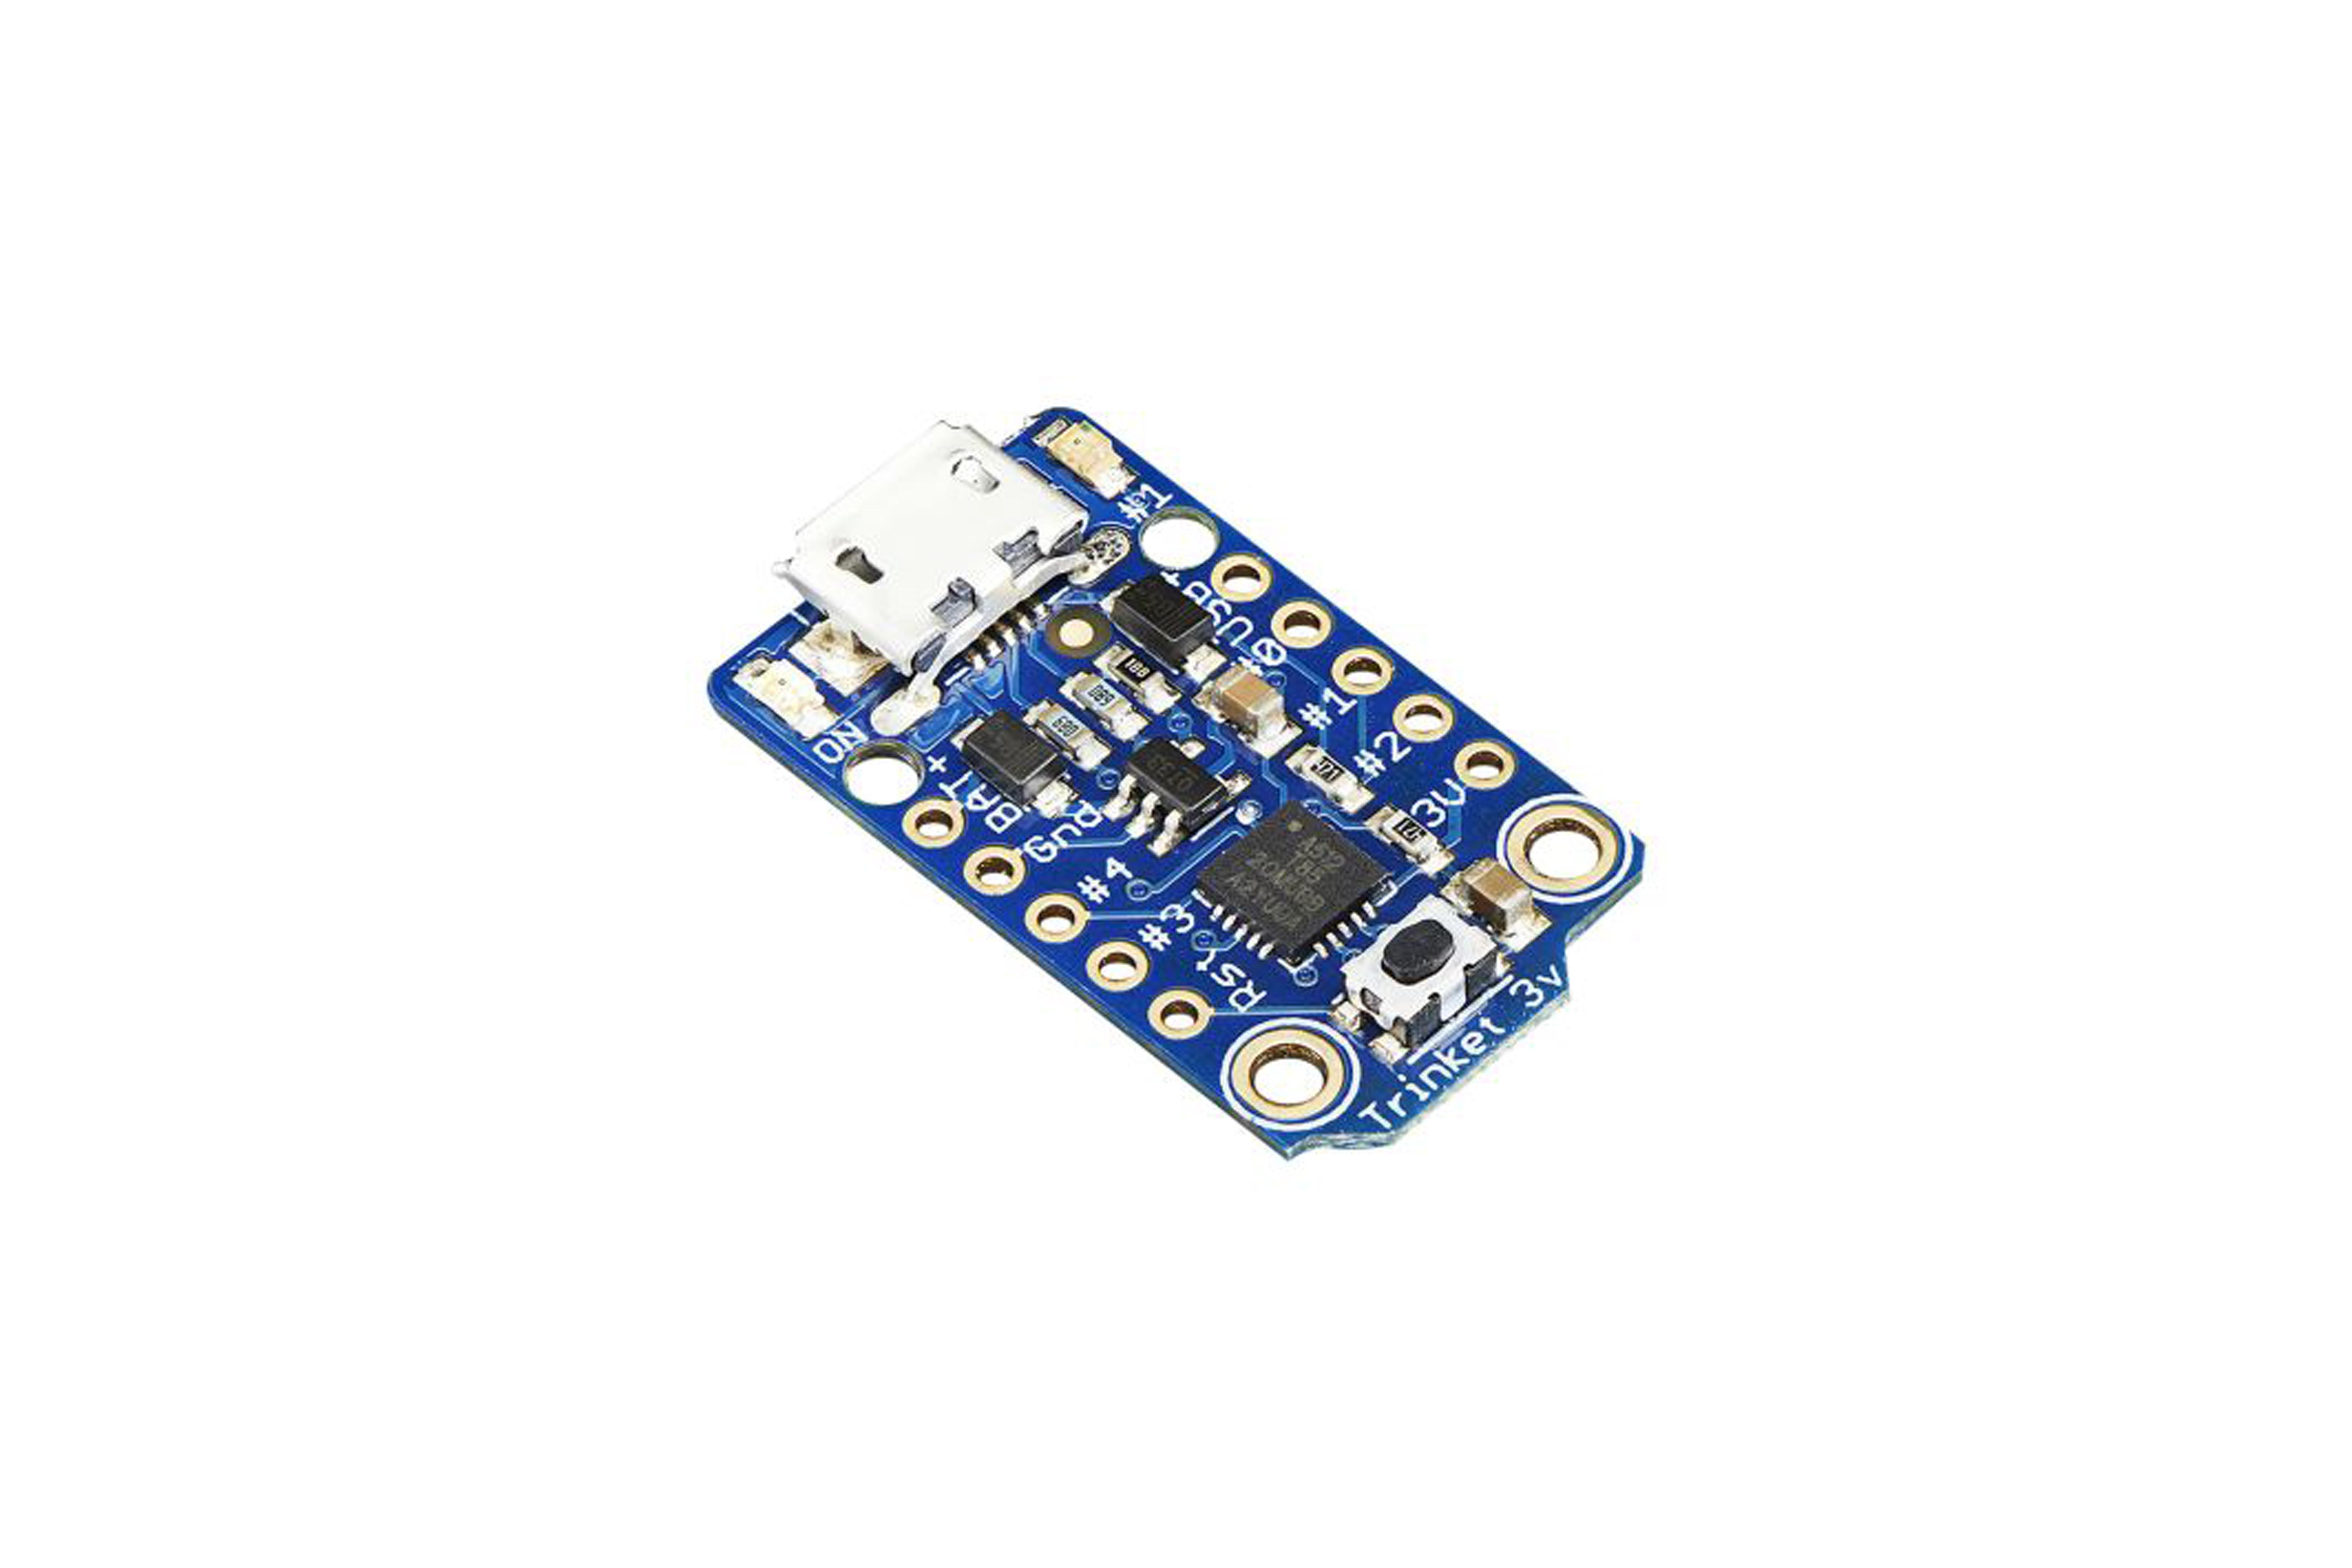 Adafruit Trinket - Mini Micro 3.3V